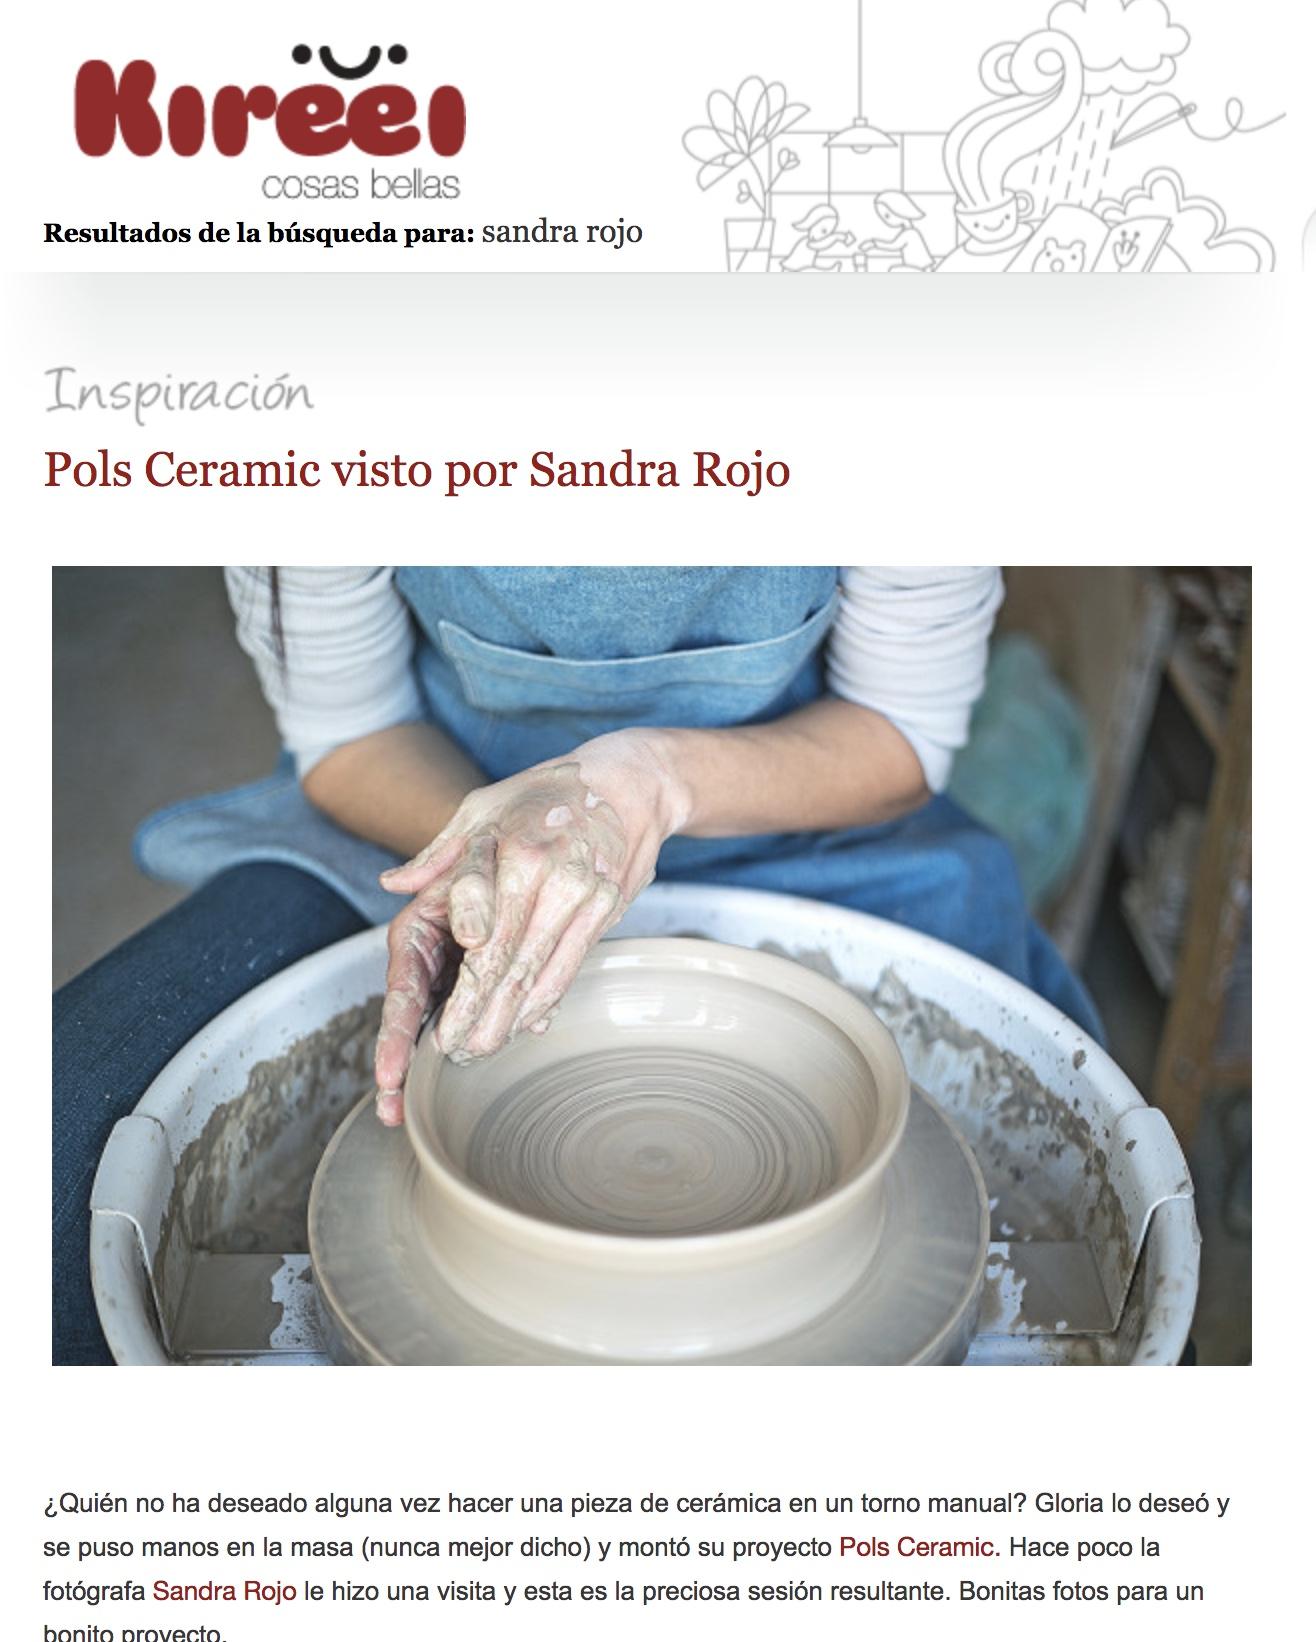 2016-06 Kireei - Pols Ceramic visto por Sandra Rojo.jpeg